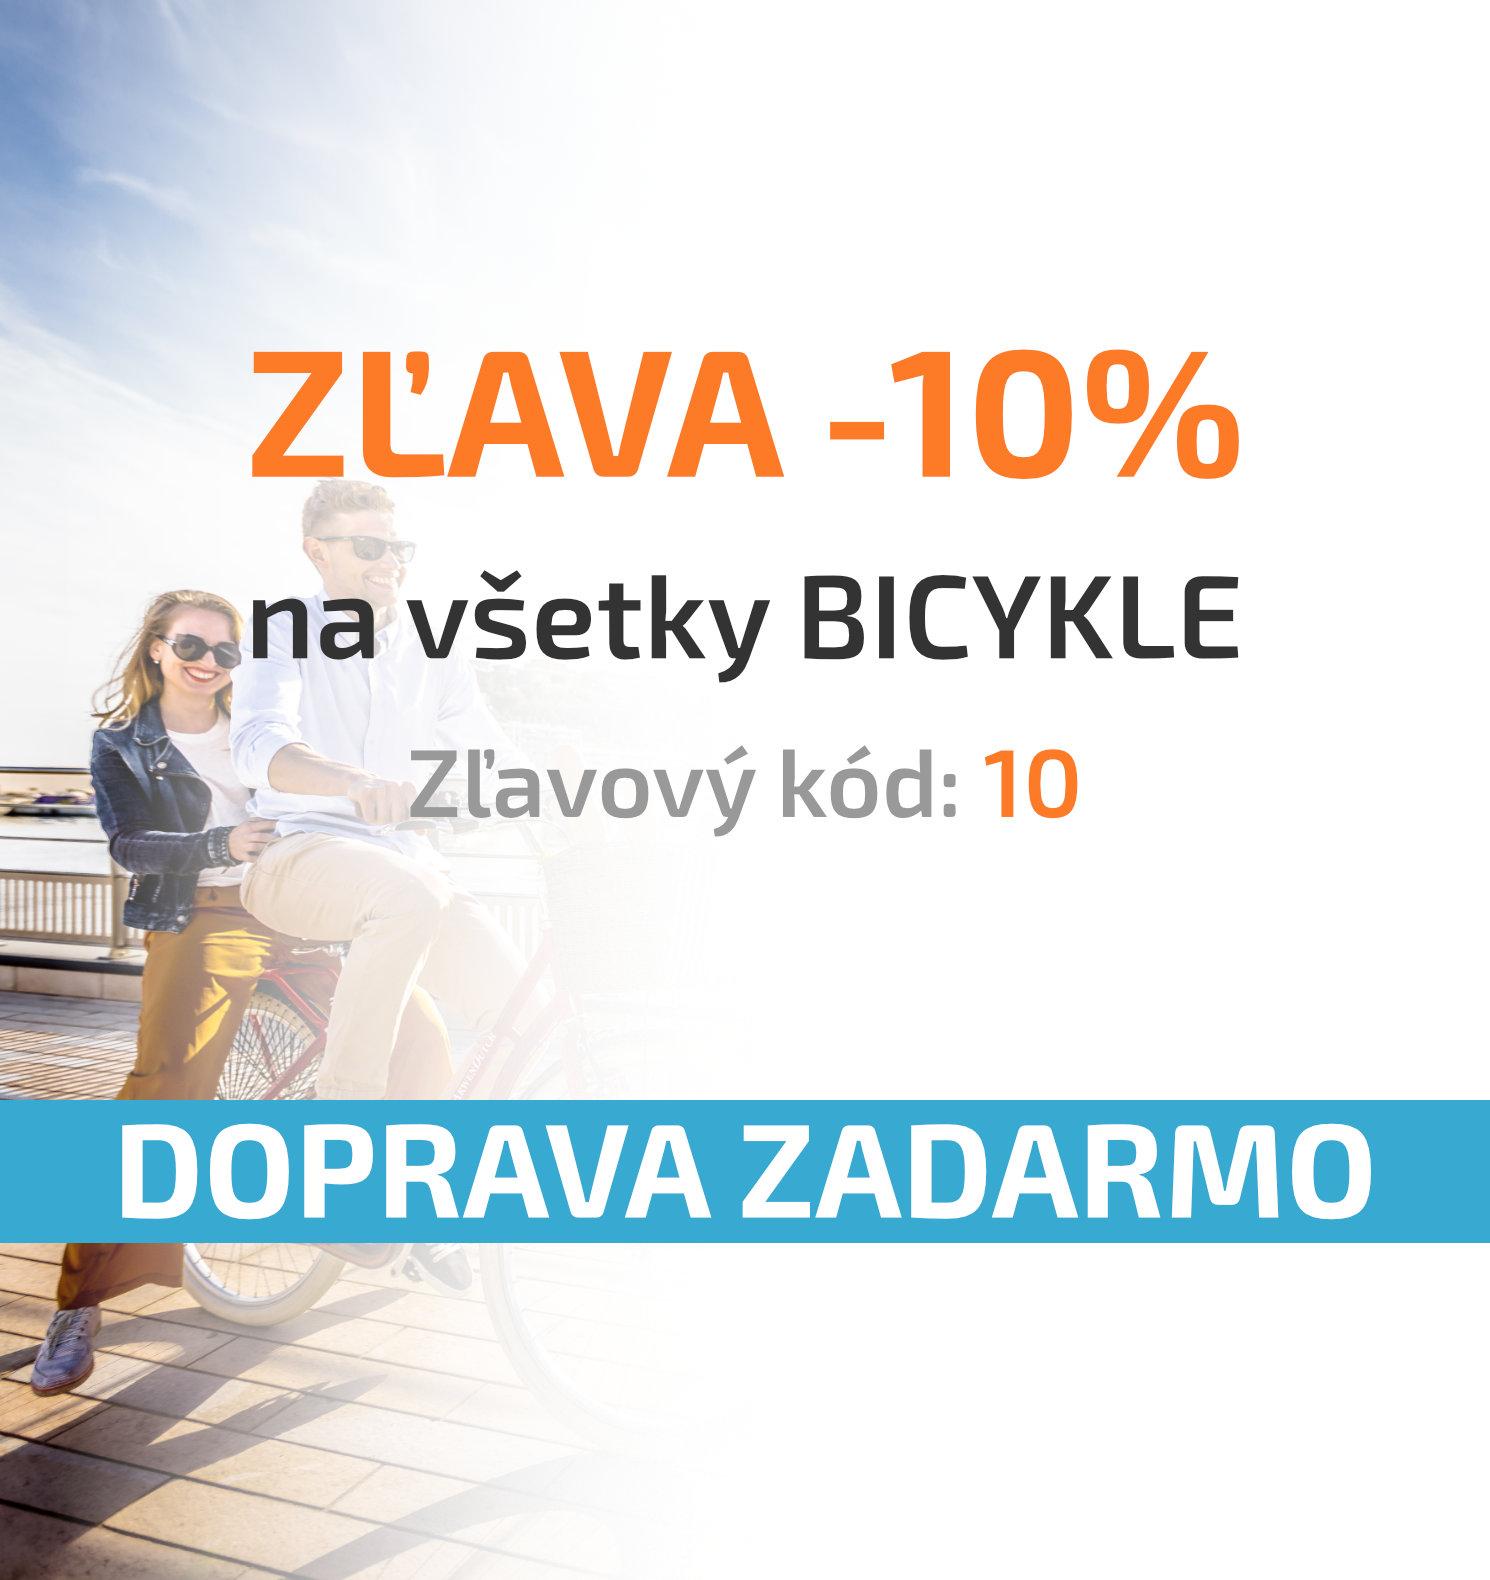 Zľava -10% na všetky bicykle